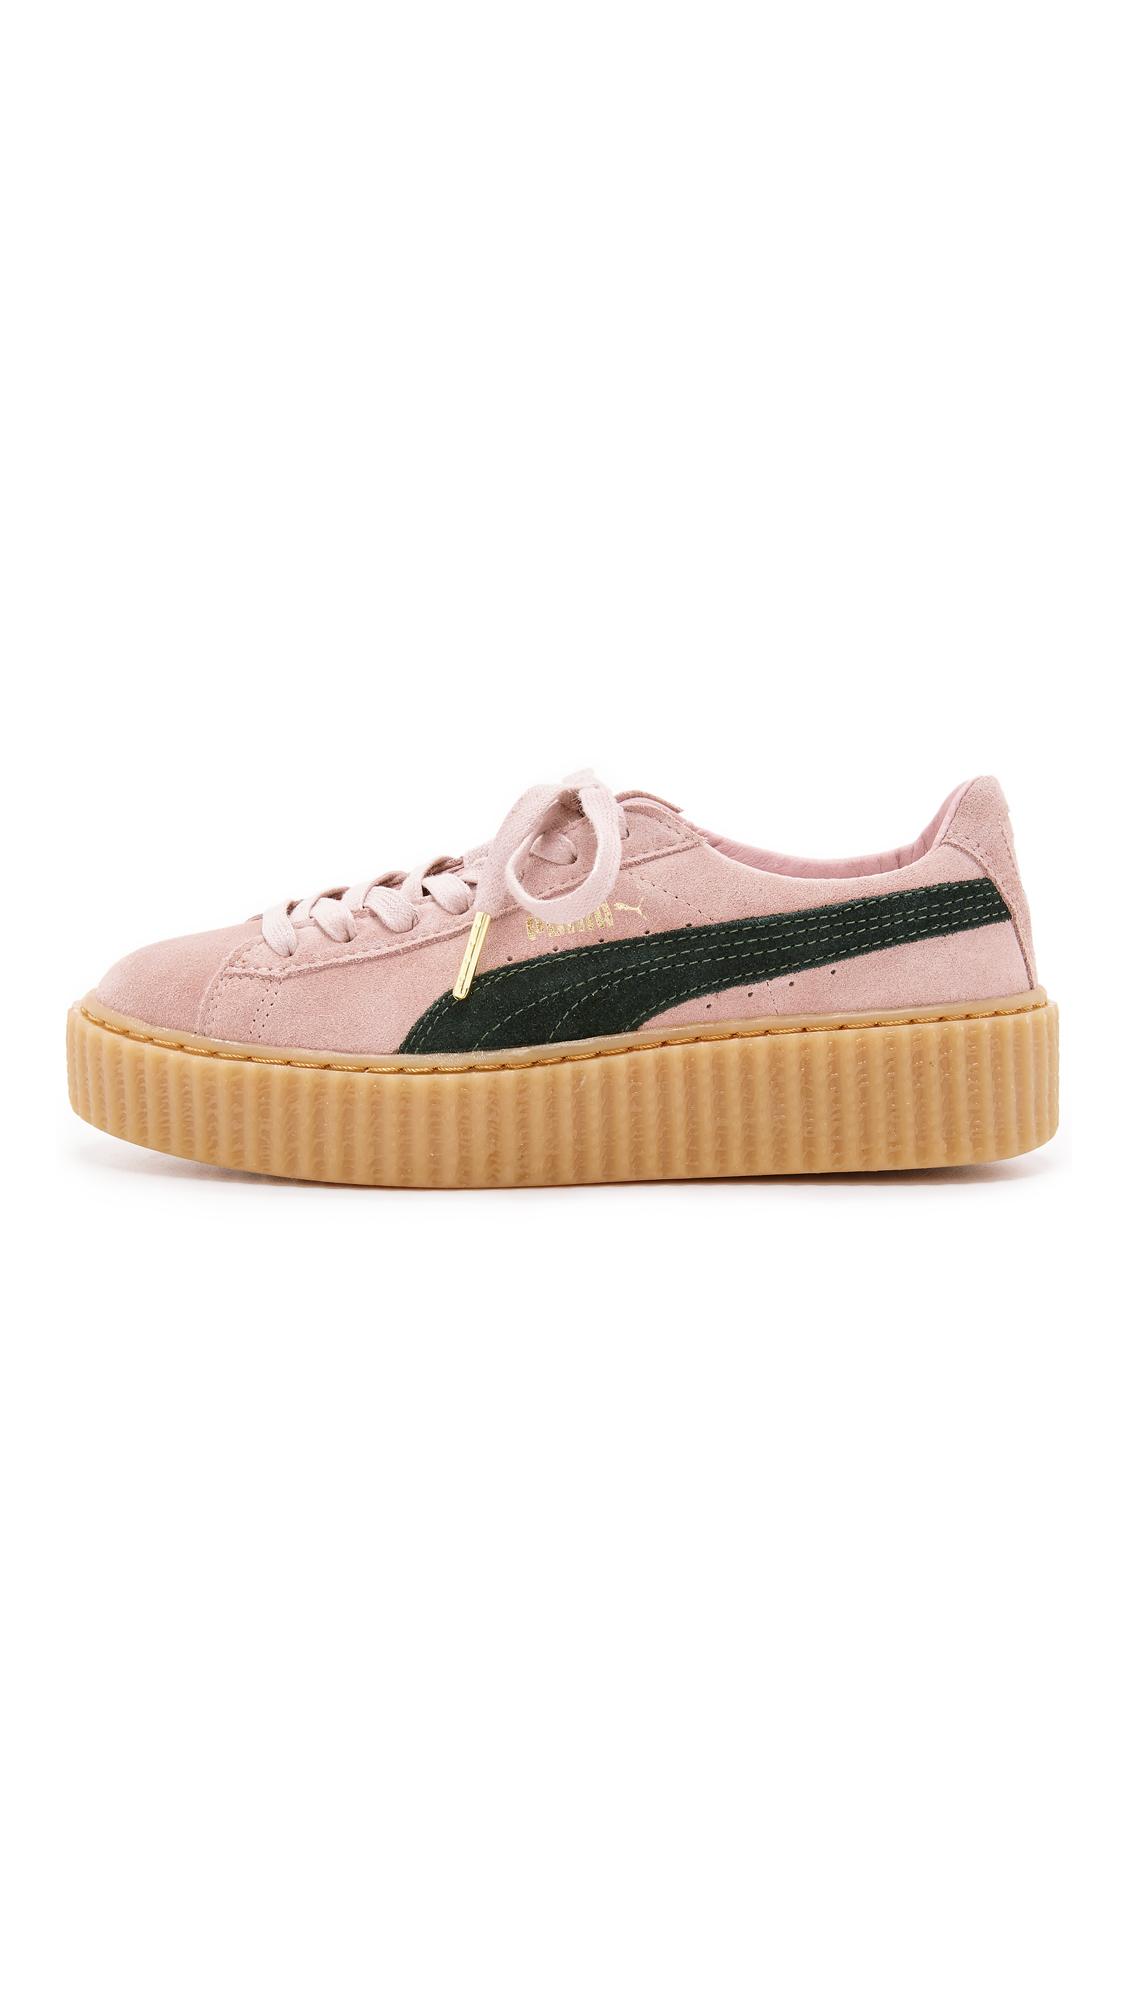 d8d096624a3214 Lyst - PUMA X Rihanna Creeper Sneakers - Coral Cloud Pink ...